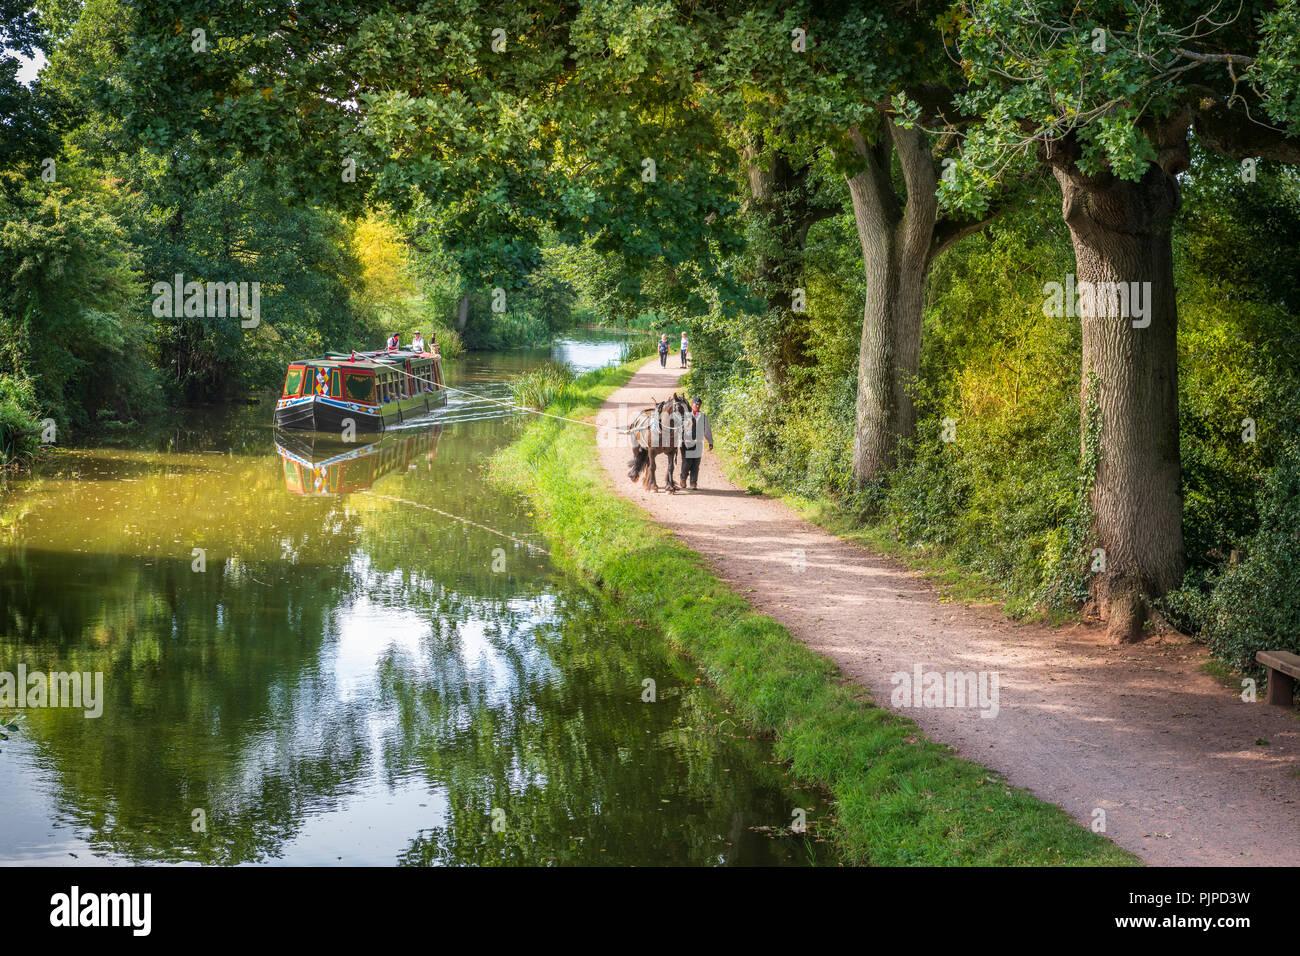 """""""Tivertonian', l'ultimo a cavalli da includersi nel West Country, set off per un altro viaggio sereno verso il basso il Grand Canal occidentale vicino a Tiverton in Devon. Immagini Stock"""